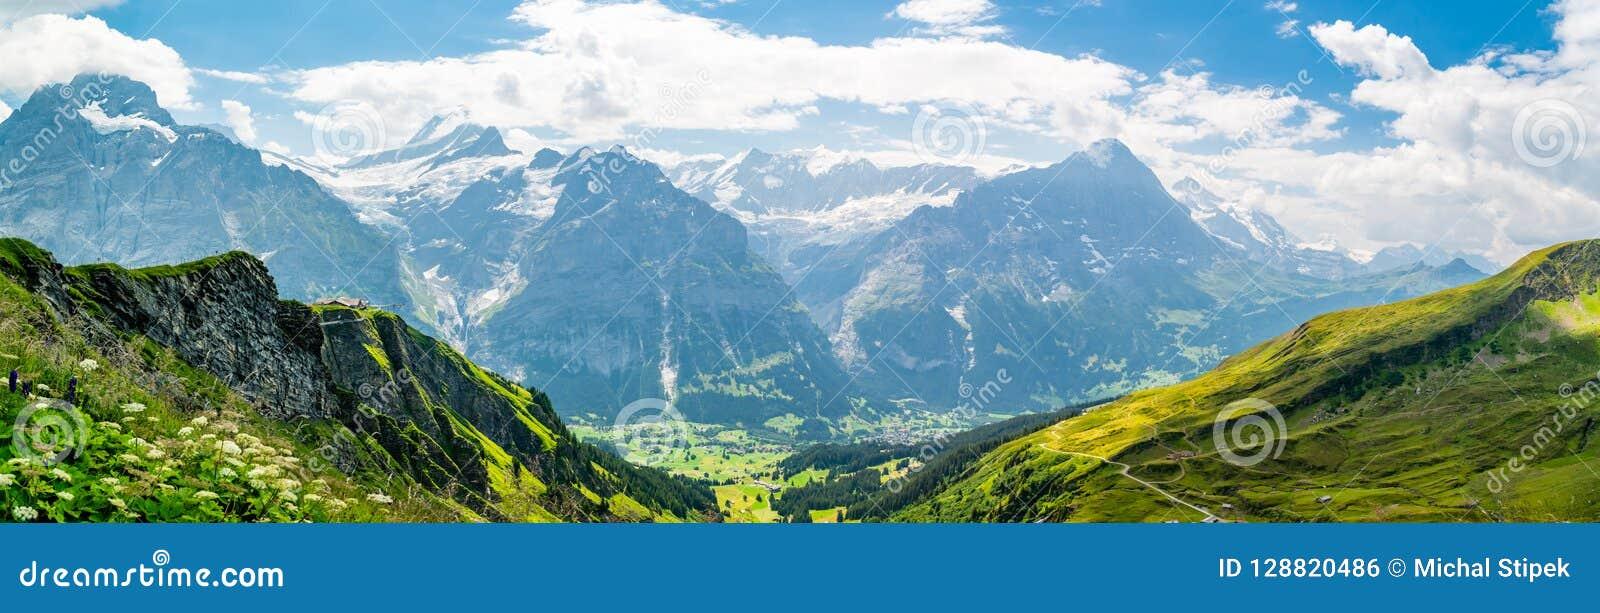 Beau paysage alpin panoramique dans les Alpes suisses près de Grindelwal